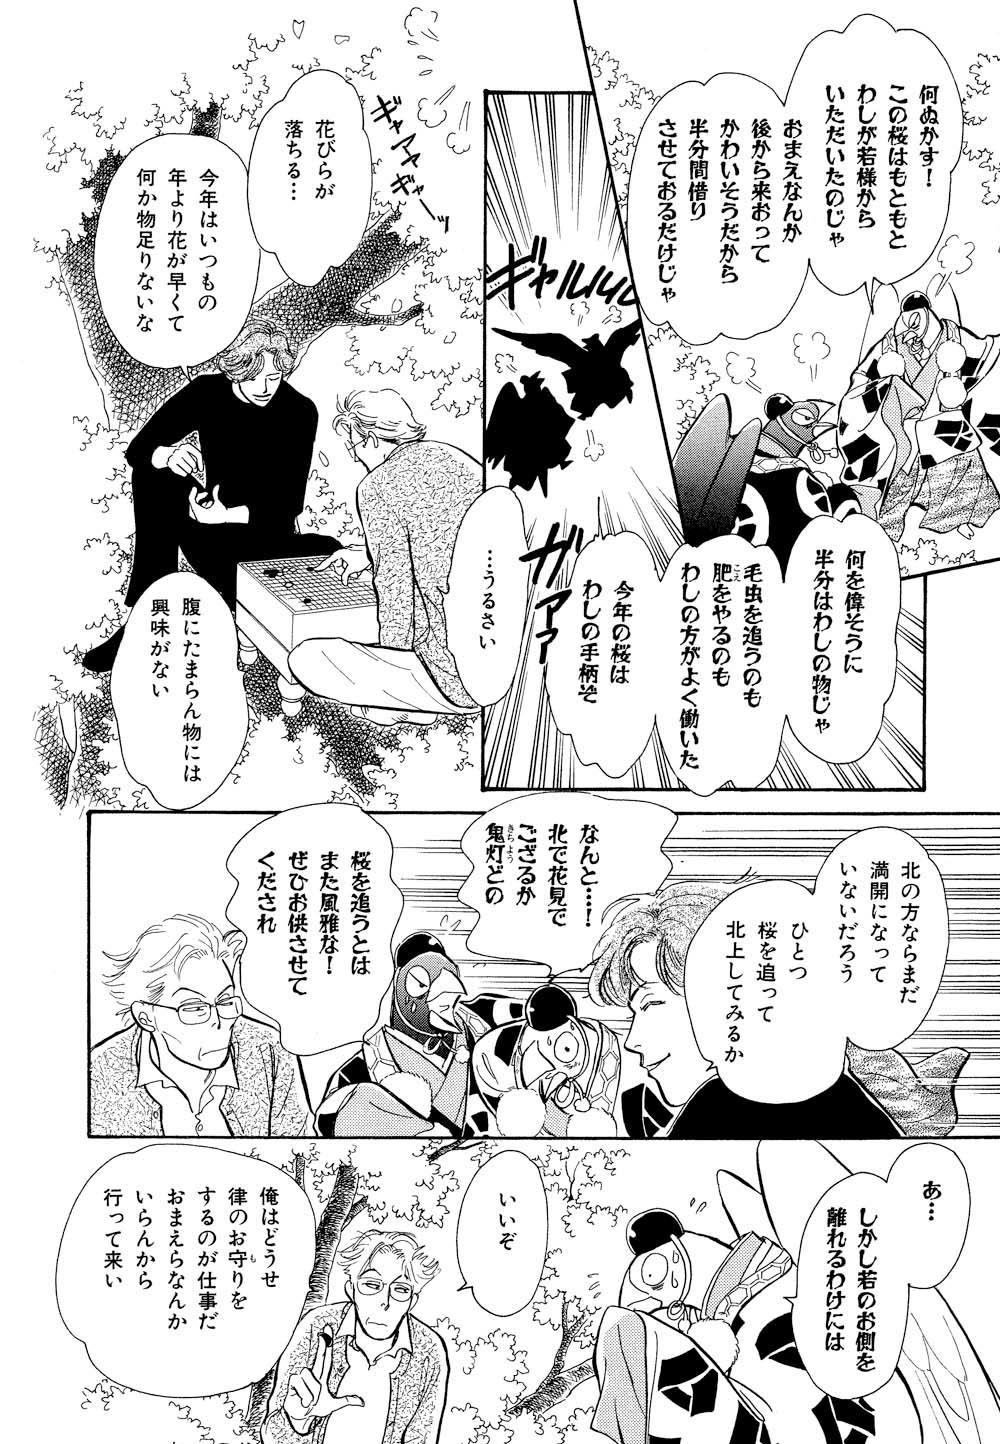 百鬼夜行抄_09_0128.jpg